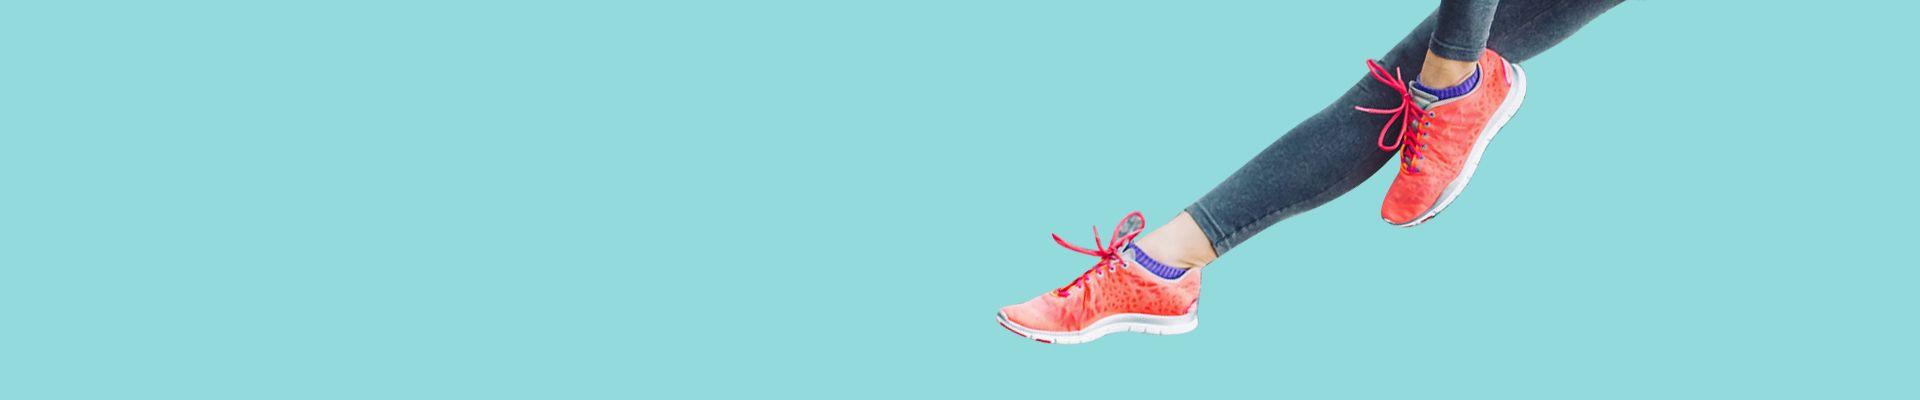 Beli aneka model sepatu wanita terbaru kualitas terbaik mulai dari model wedges, boots, sneakers, sport, slip on, heels, dll, dengan harga murah hanya di KindleCup, belanja cepat & nyaman, jaminan uang kembali & pengiriman cepat.